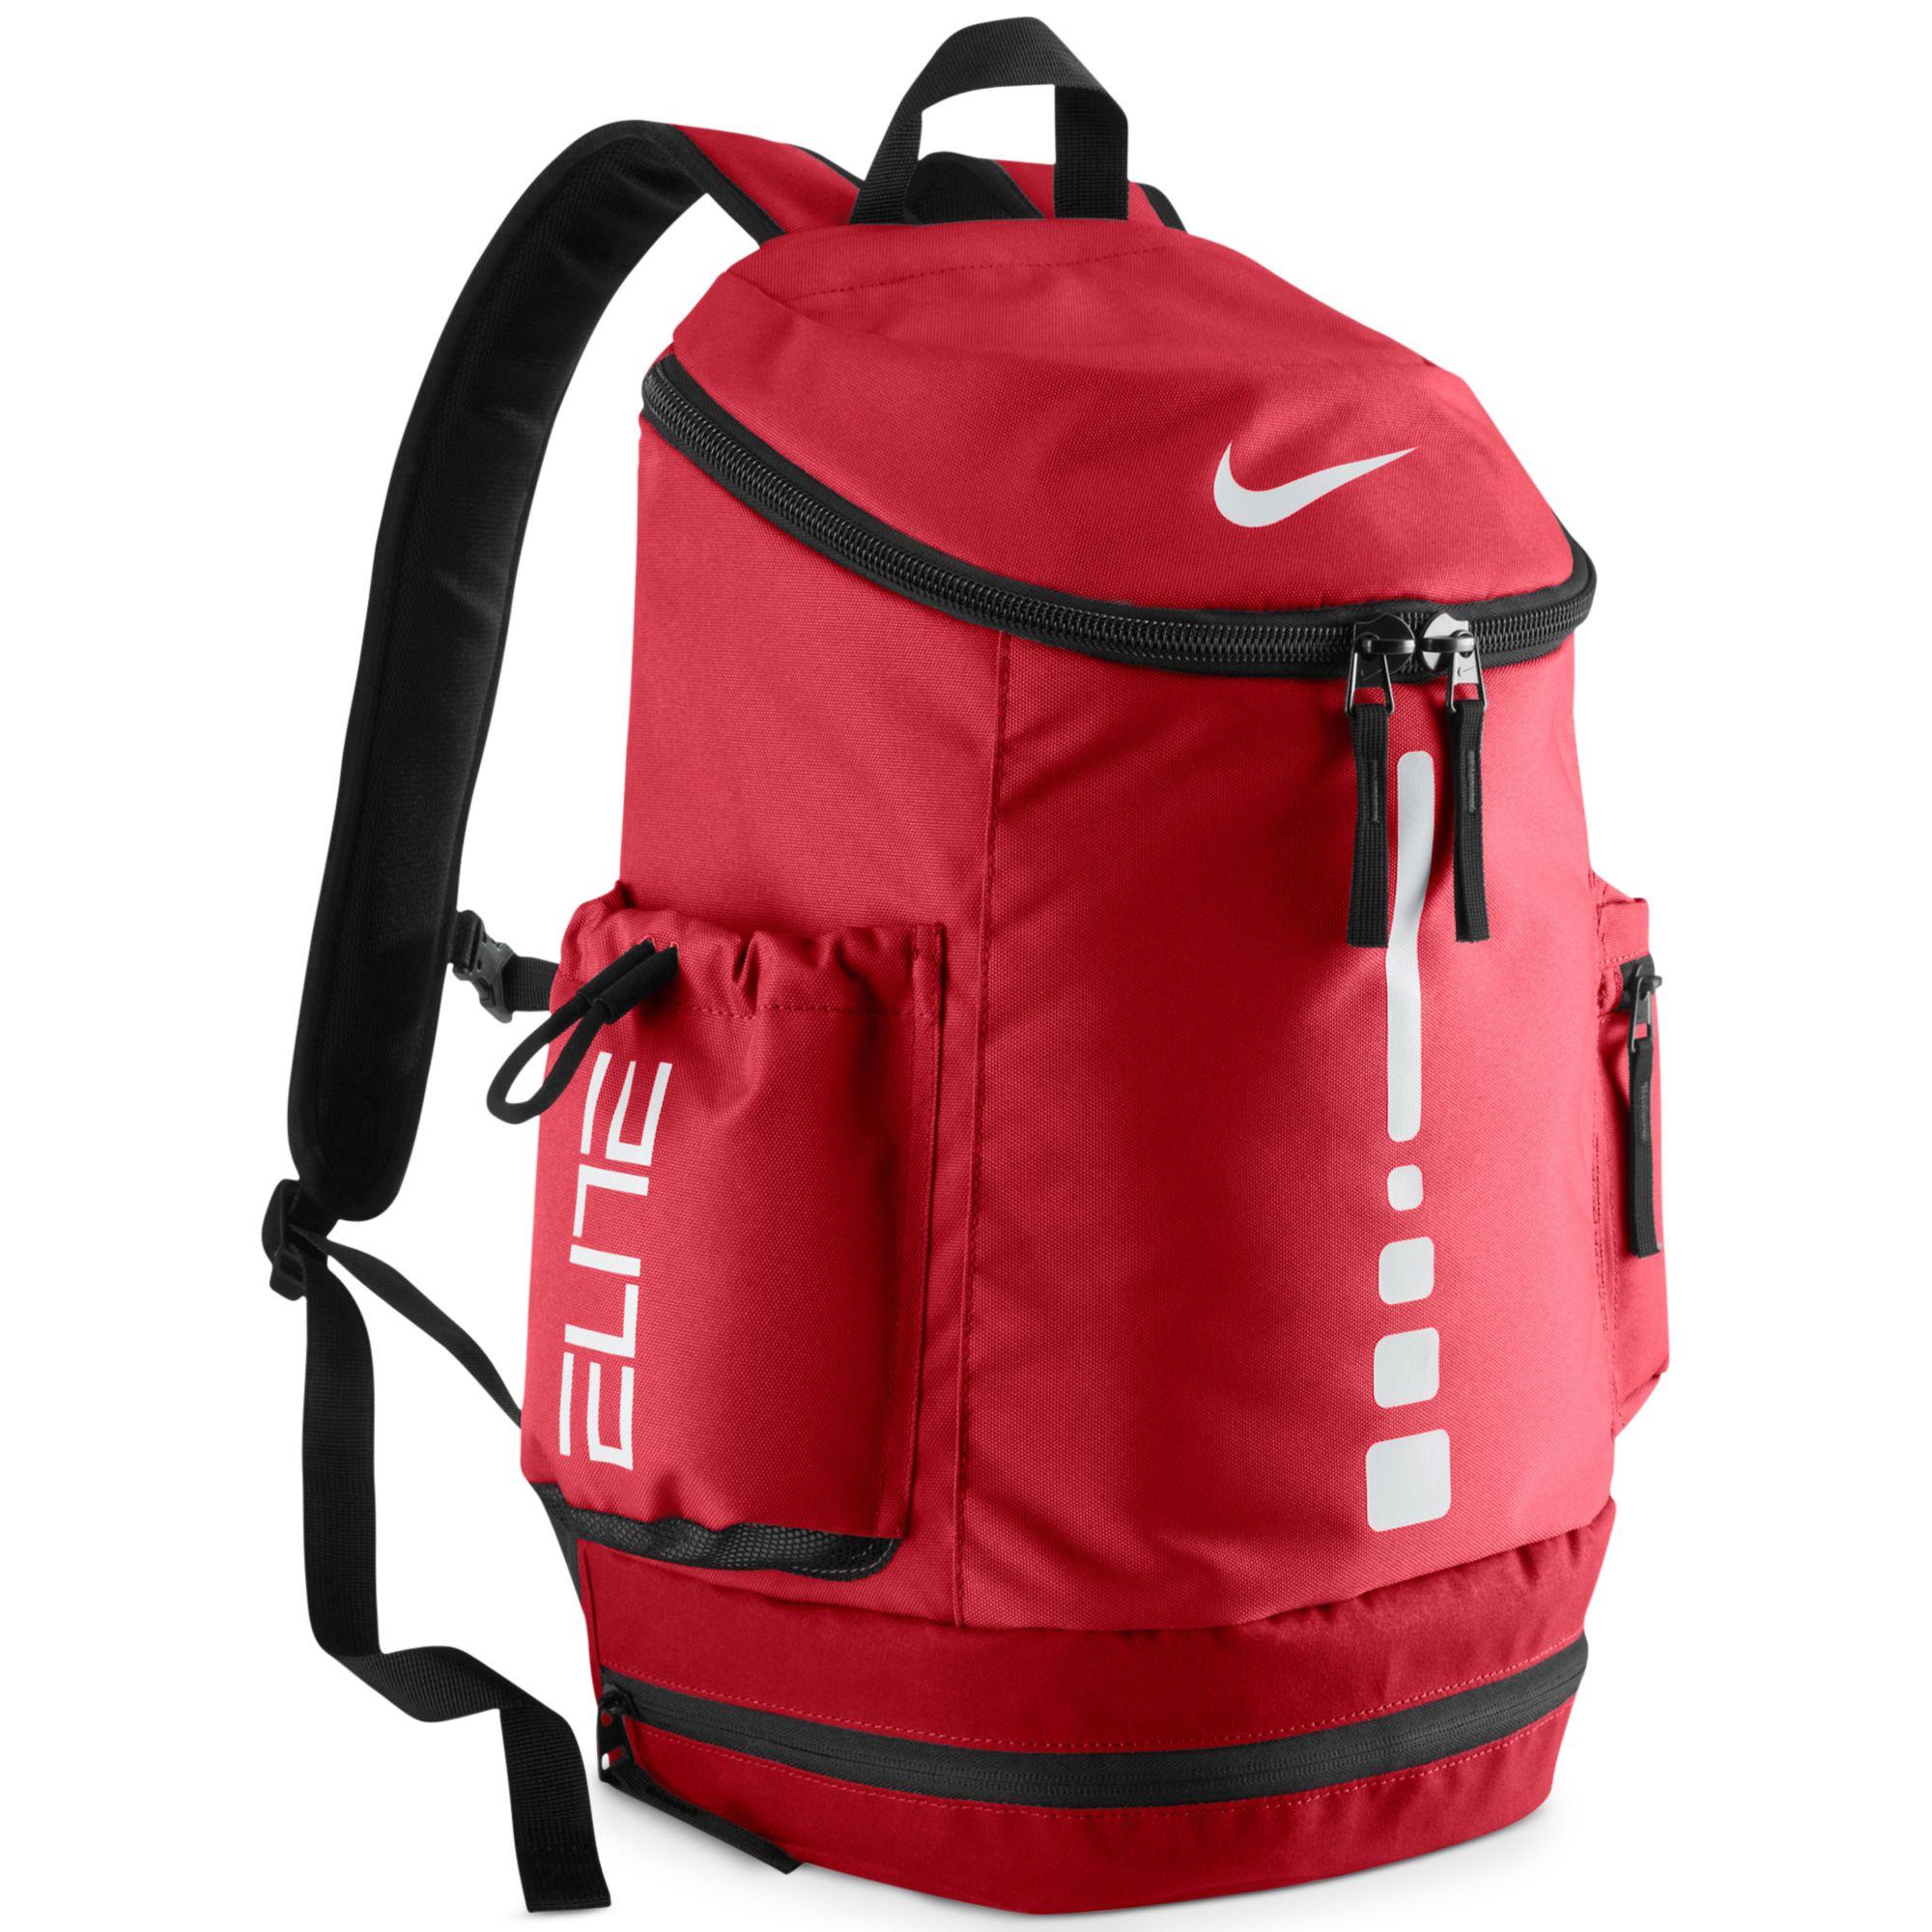 Cheap Nike Elite Backpacks - CEAGESP 0e1e94249